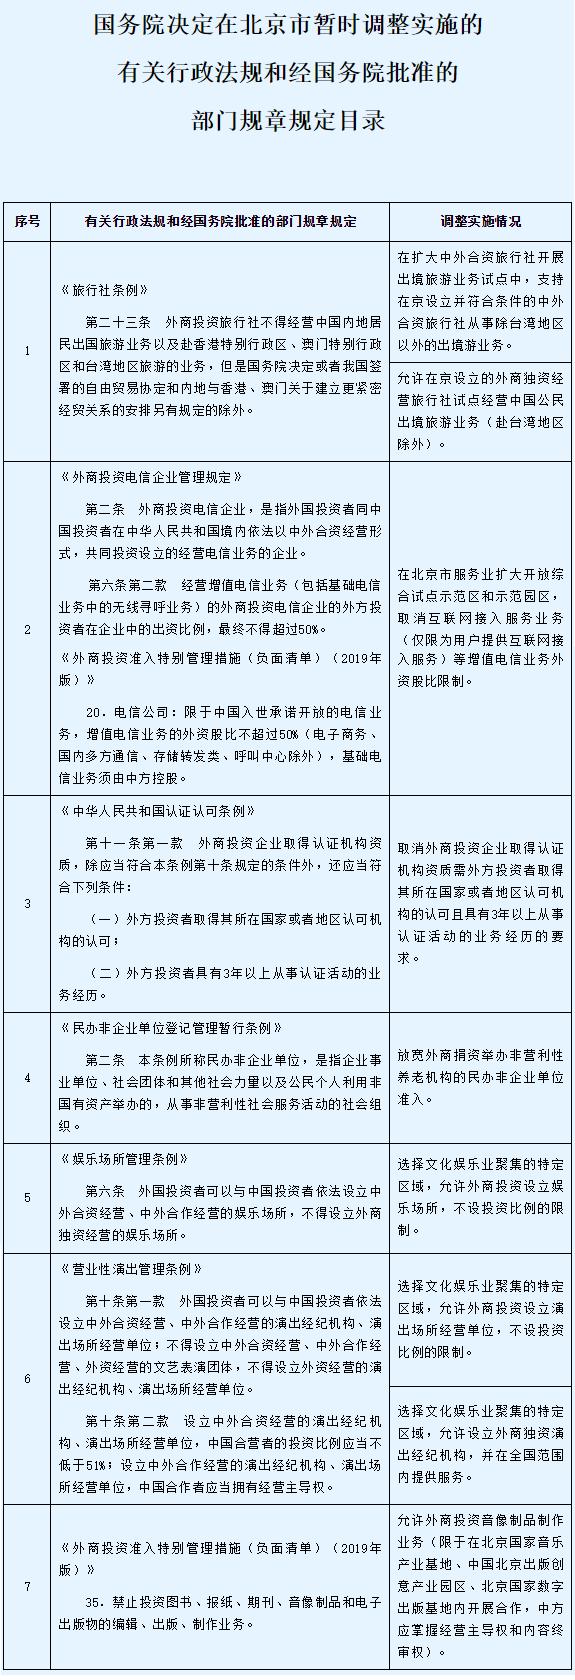 国务院:全面推进北京市服务业扩大开放综合试点期满